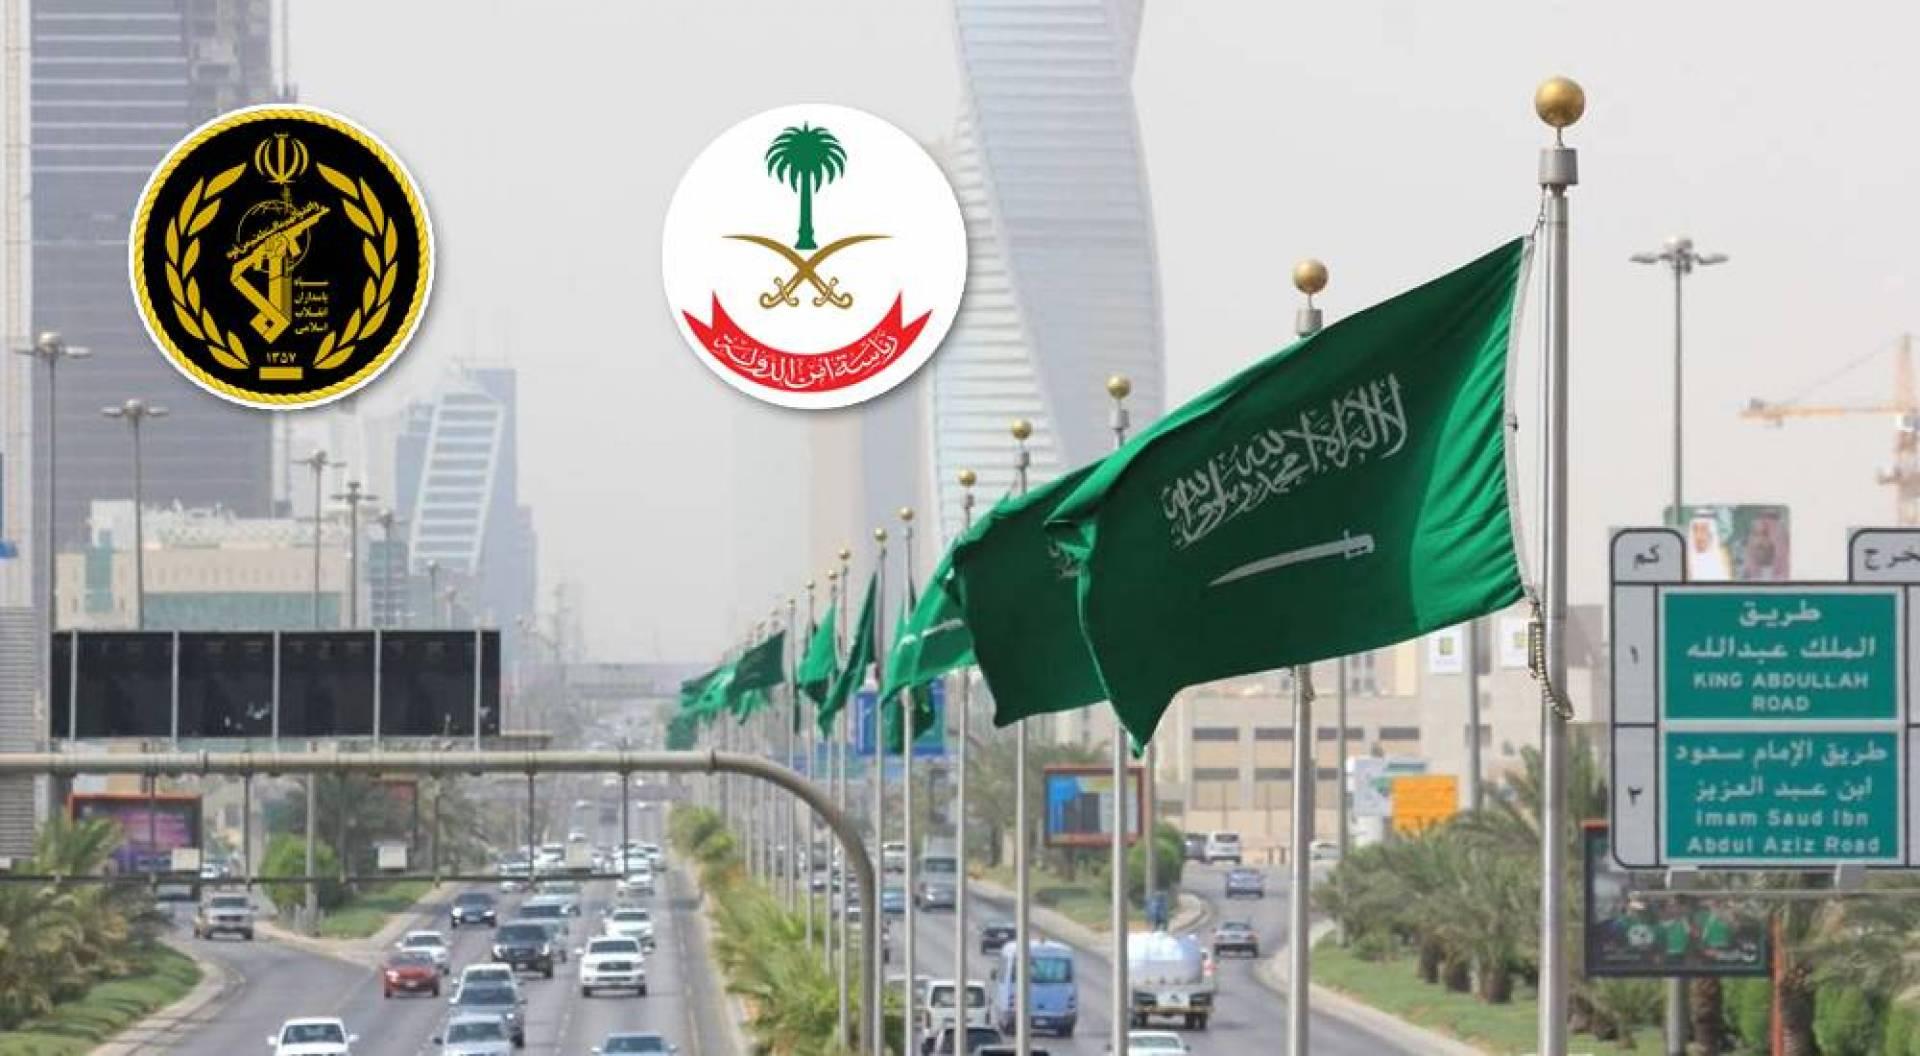 السعودية: الإطاحة بخلية إرهابية تدربت في مواقع للحرس الثوري الإيراني